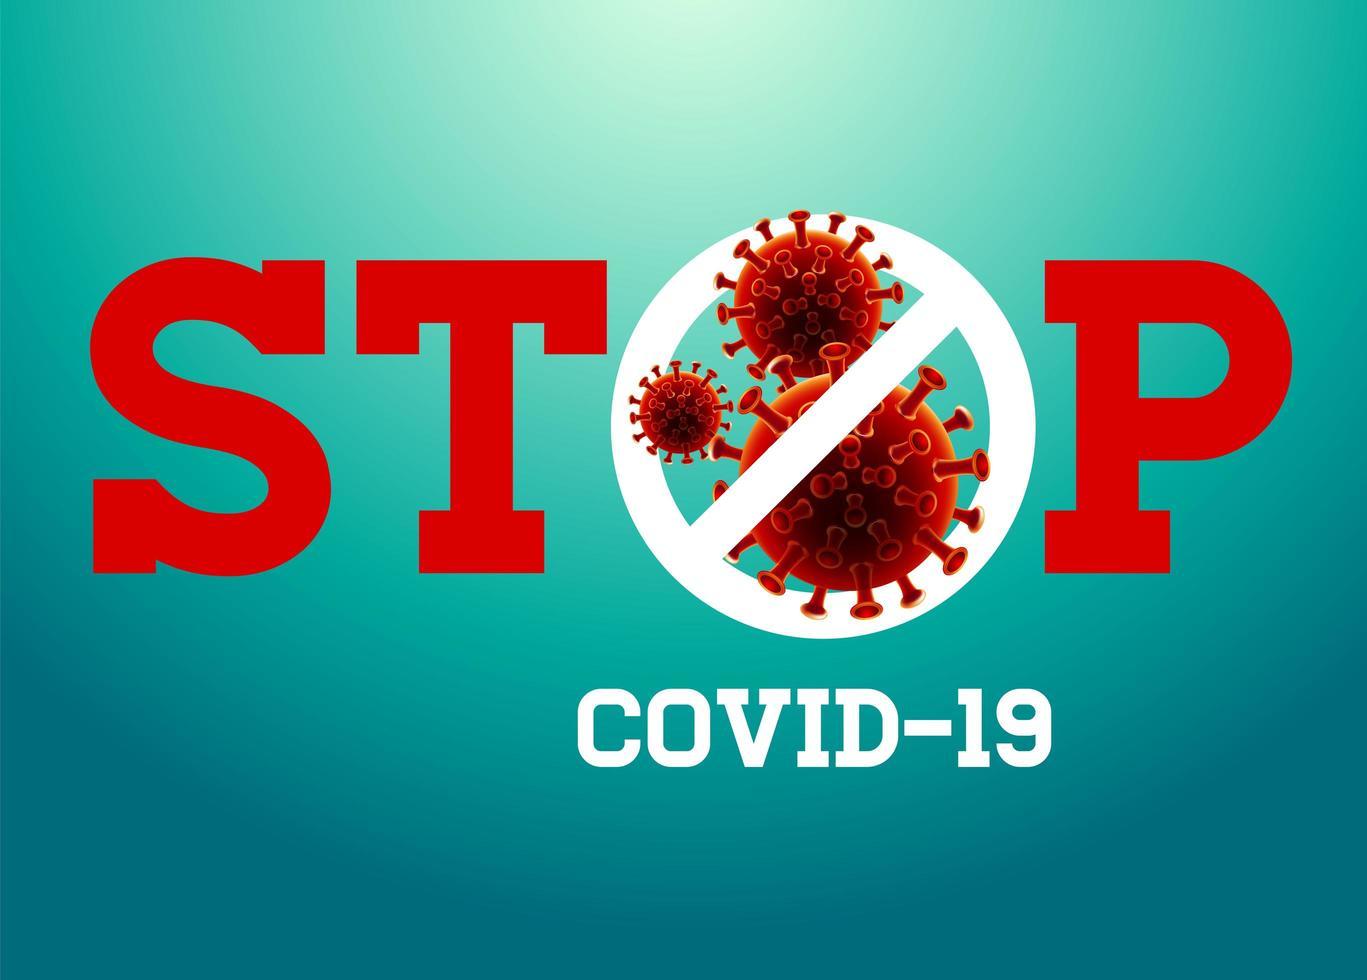 detener el diseño del coronavirus covid-19 vector